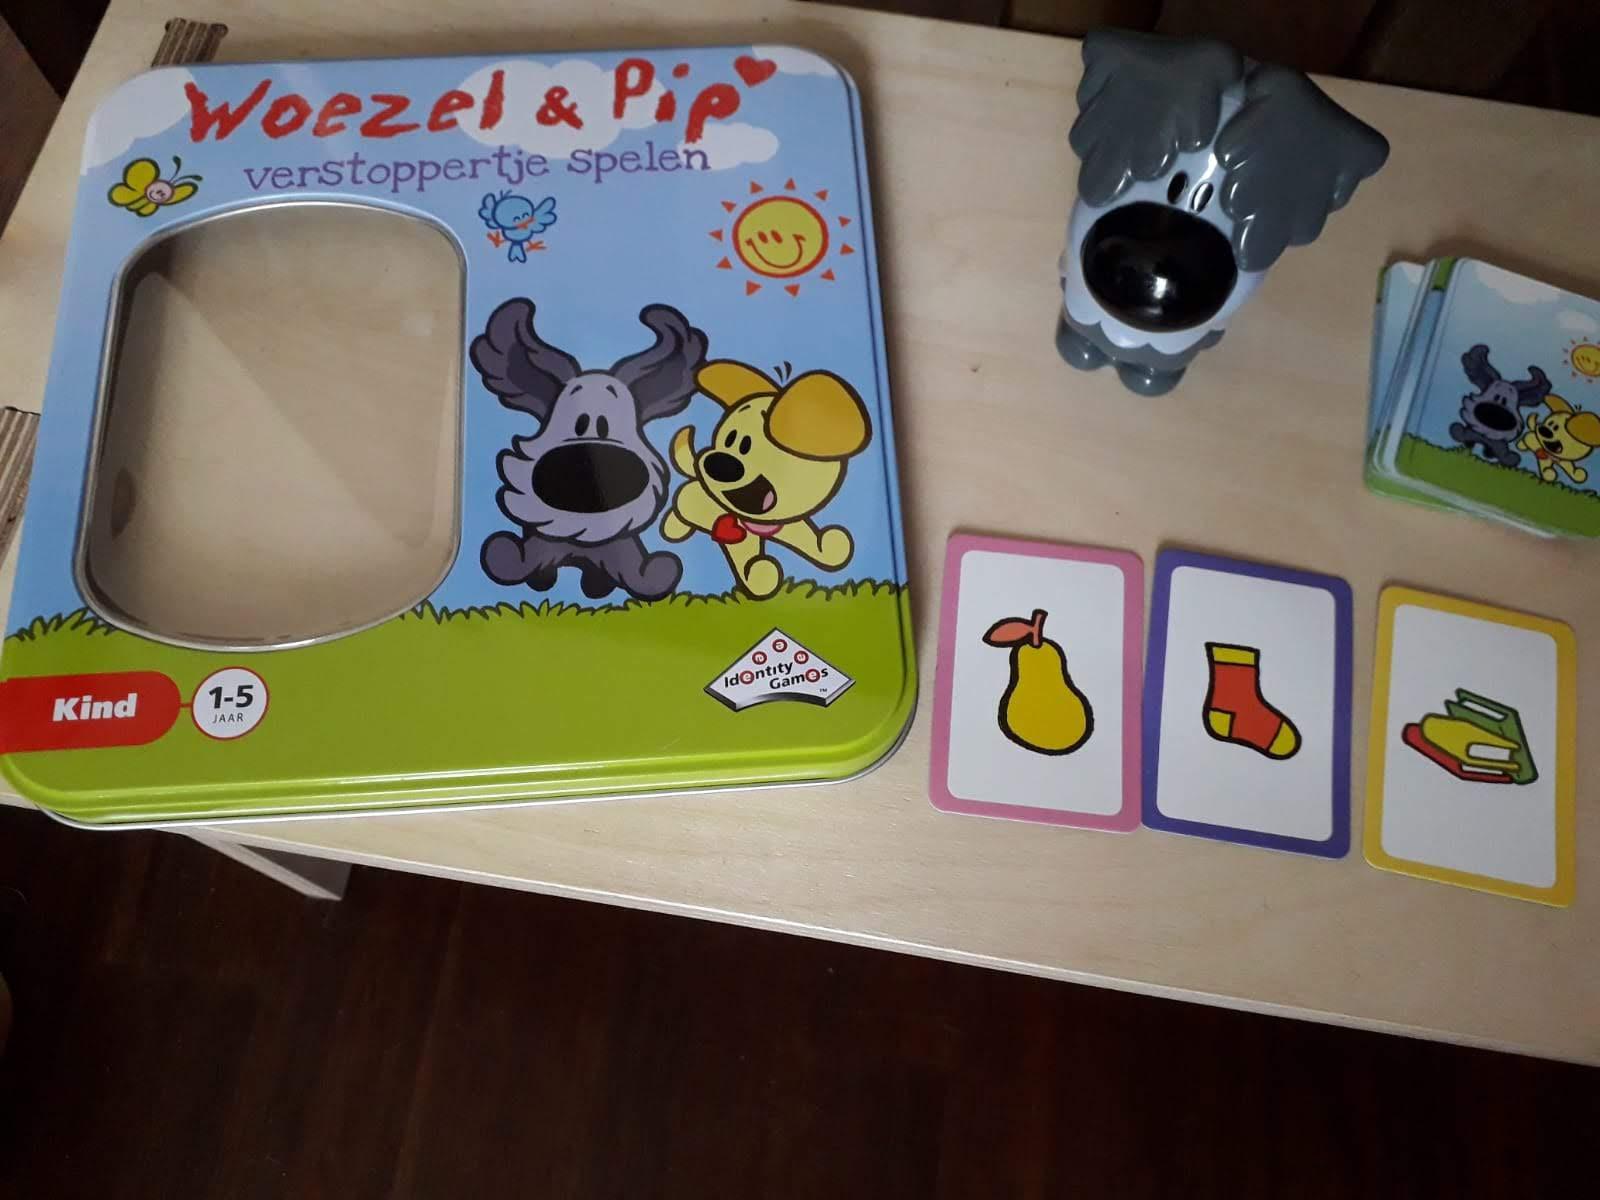 Woezel & Pip spelen verstoppertje